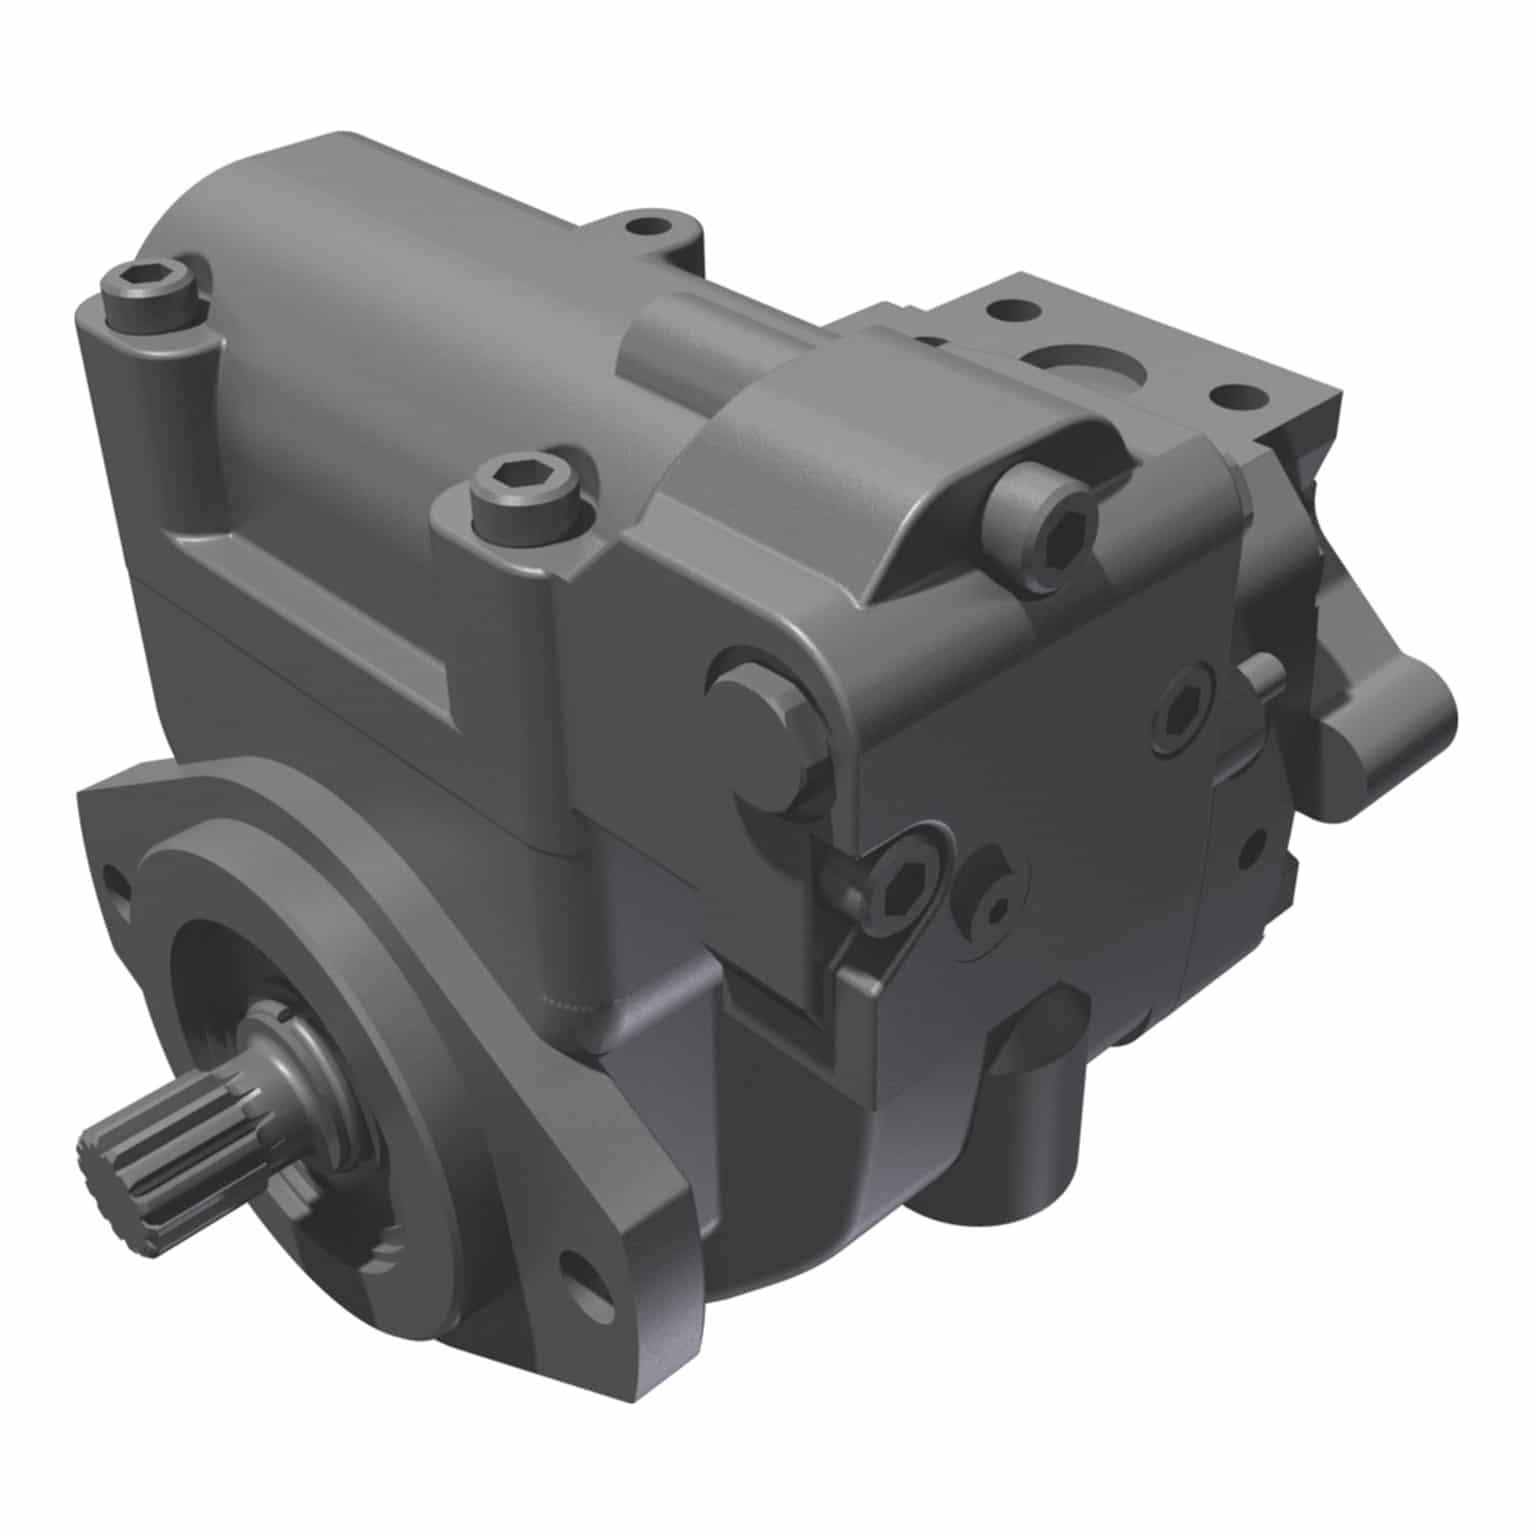 Oilgear Best Under Pressure Haldex 12 Volt Hydraulic Pump Wiring Diagram An Extremely Responsive High Speed